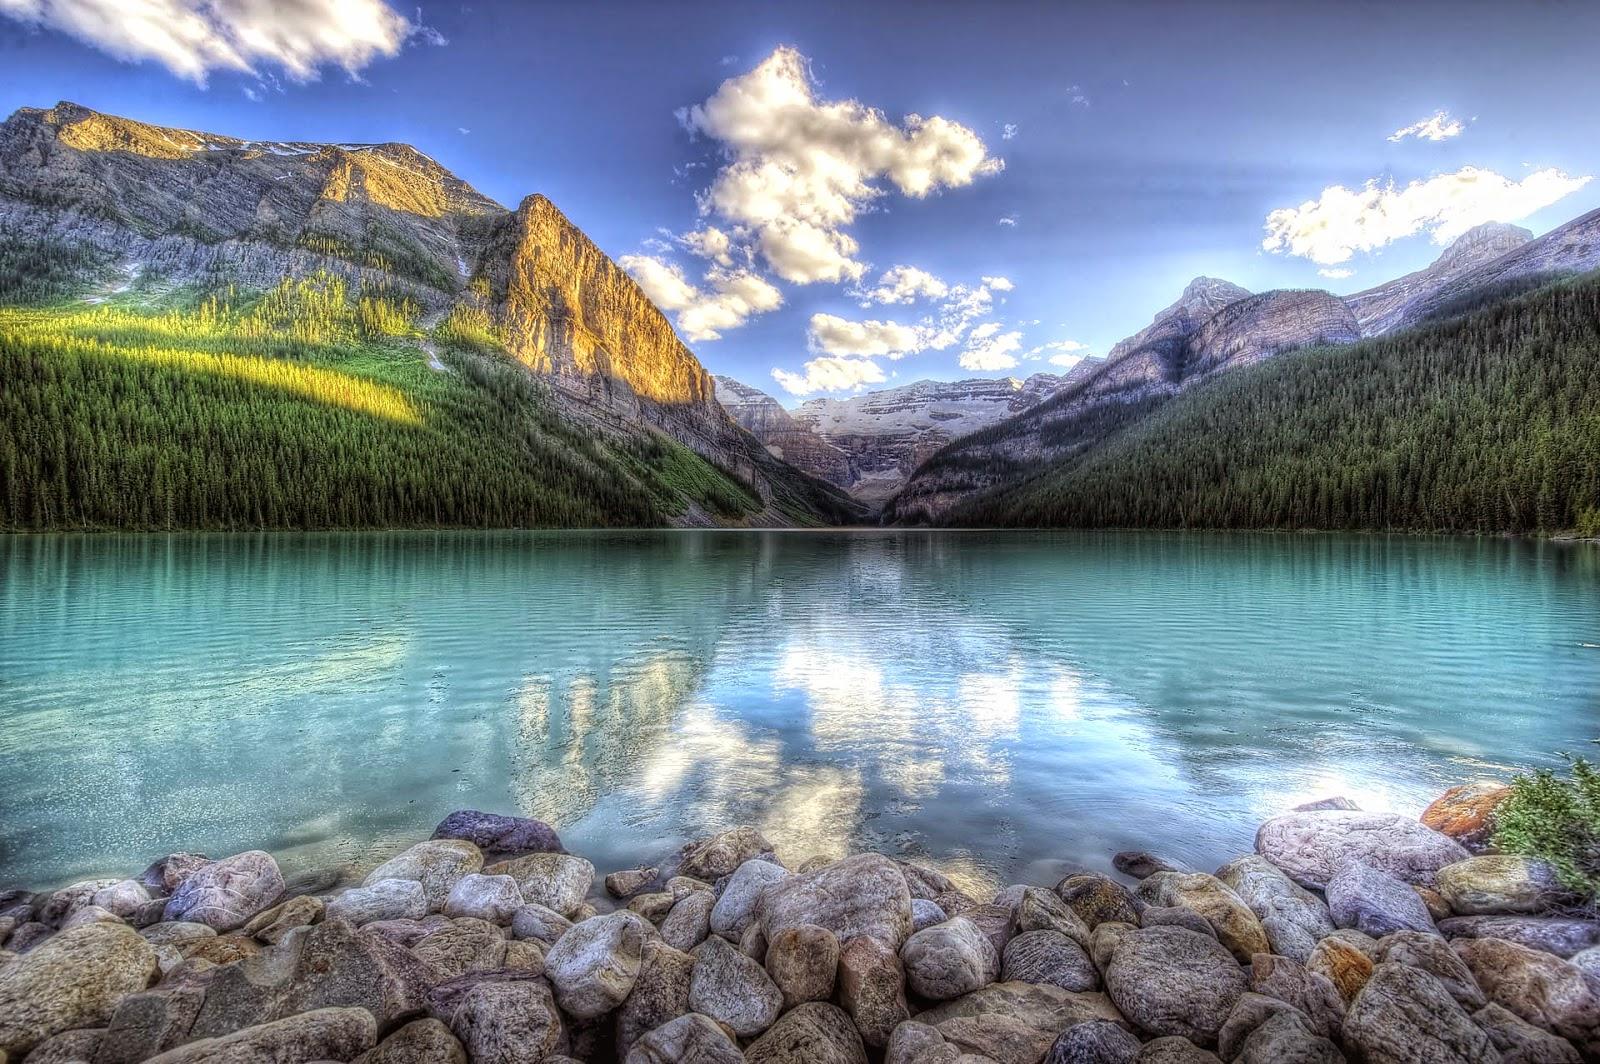 Wallpaper met licht blauw water in een bergmeer